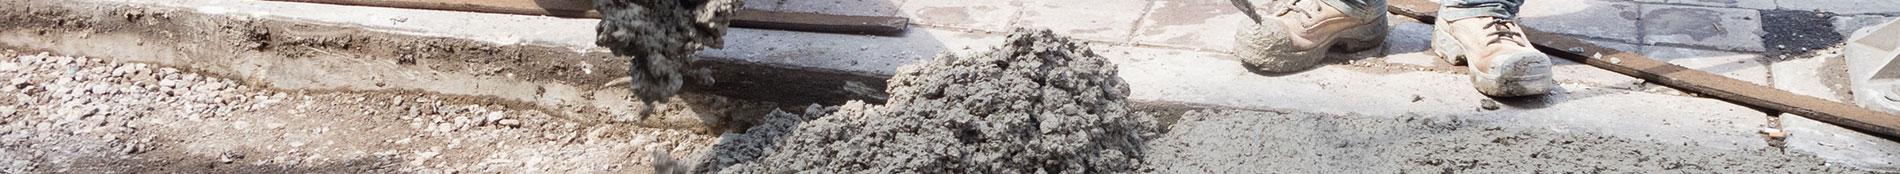 Commercial Concrete   Atlantic Concrete Contractors